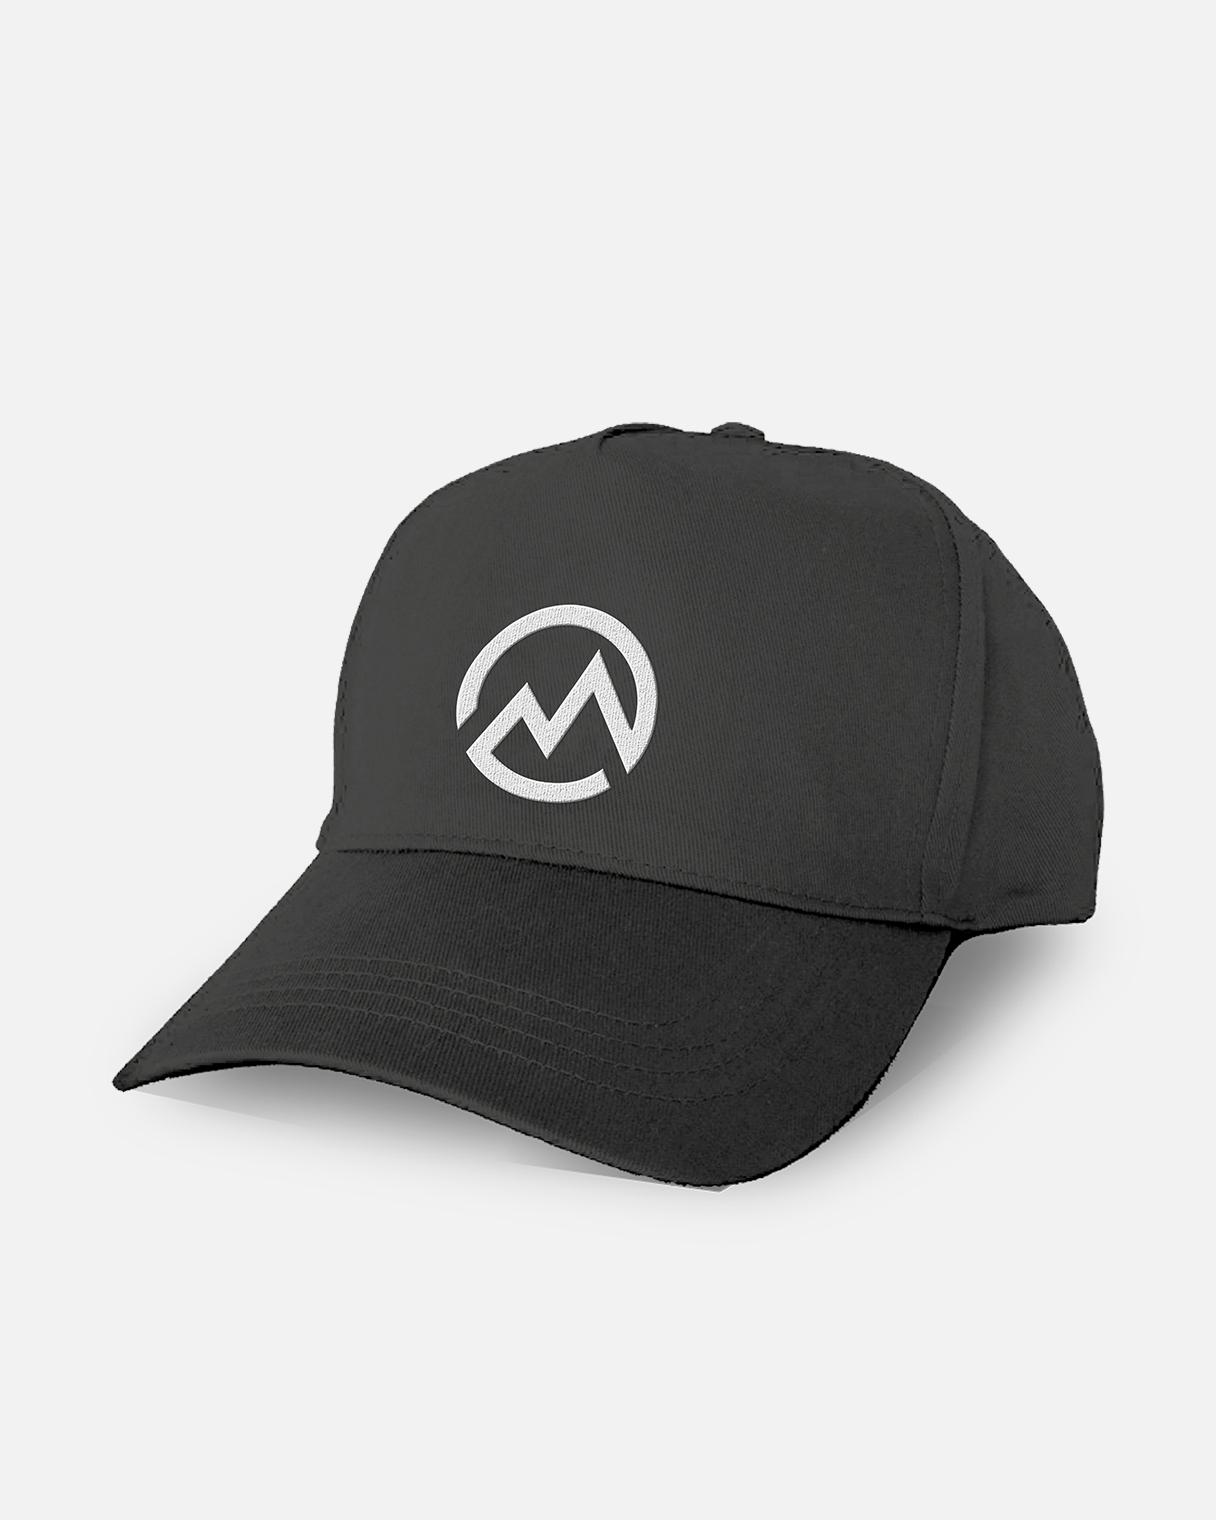 Progettazione grafica gadget cappellino Metalmont | Kora Comunicazione